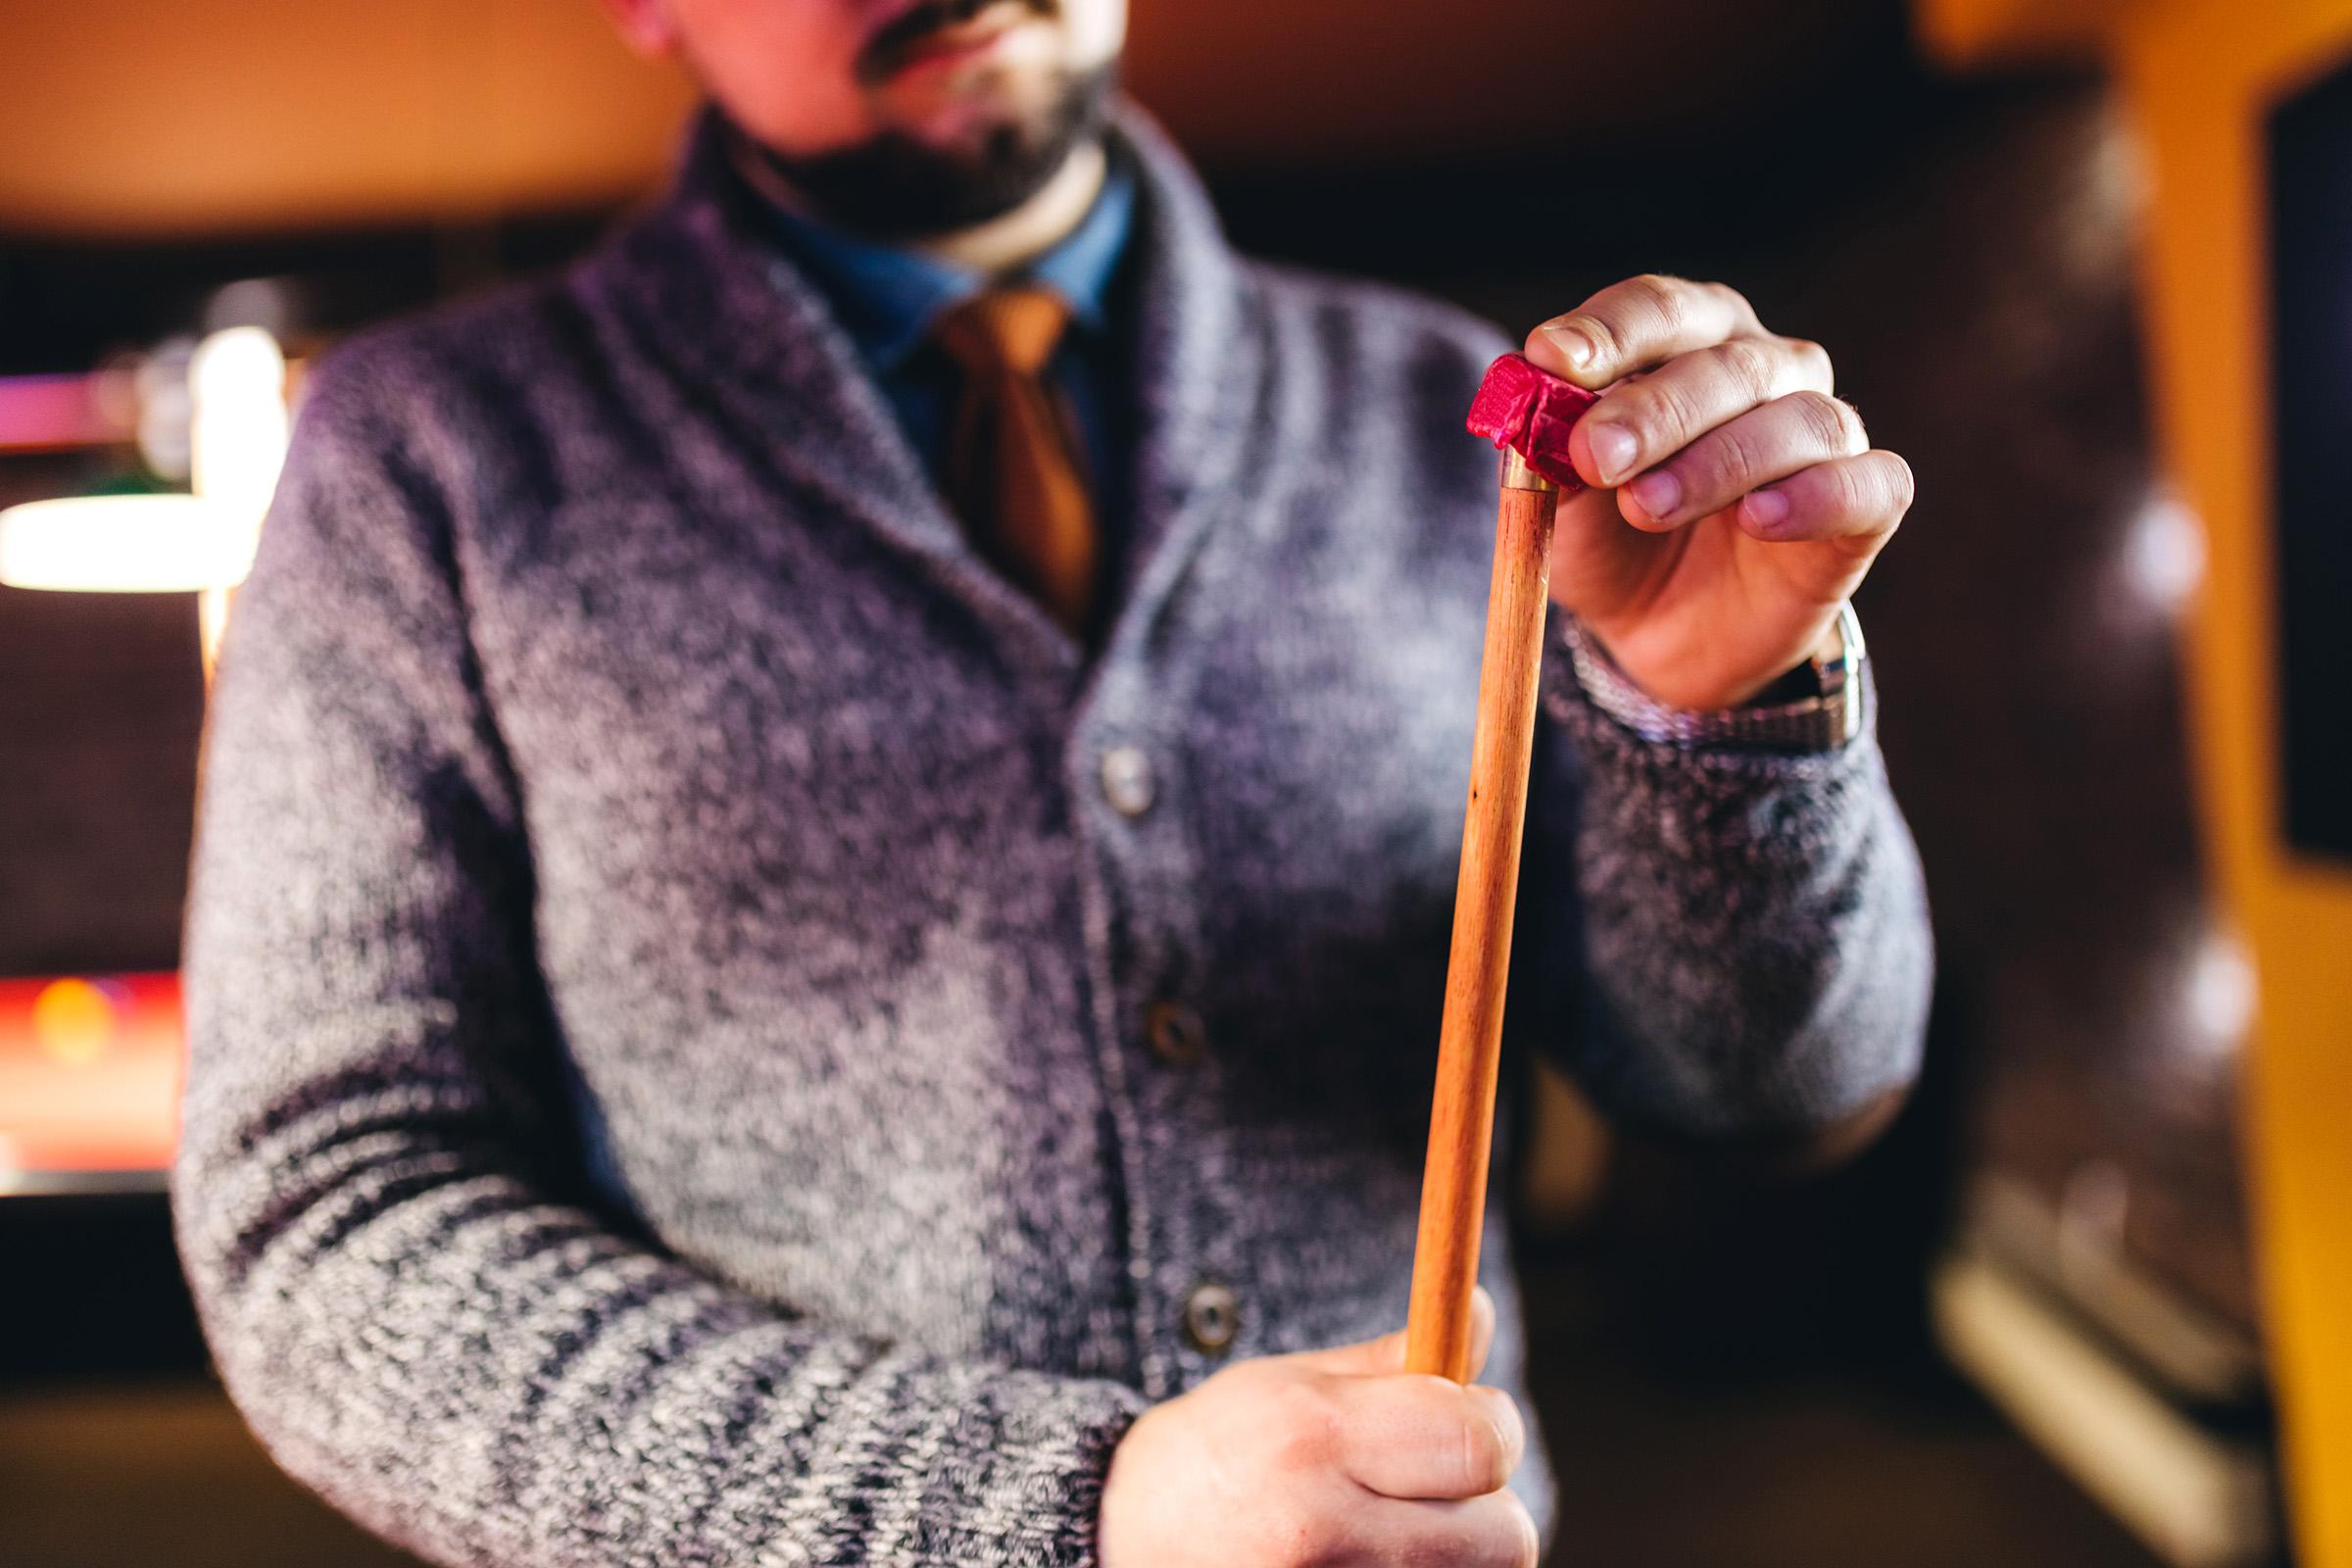 a hand holding a baseball bat